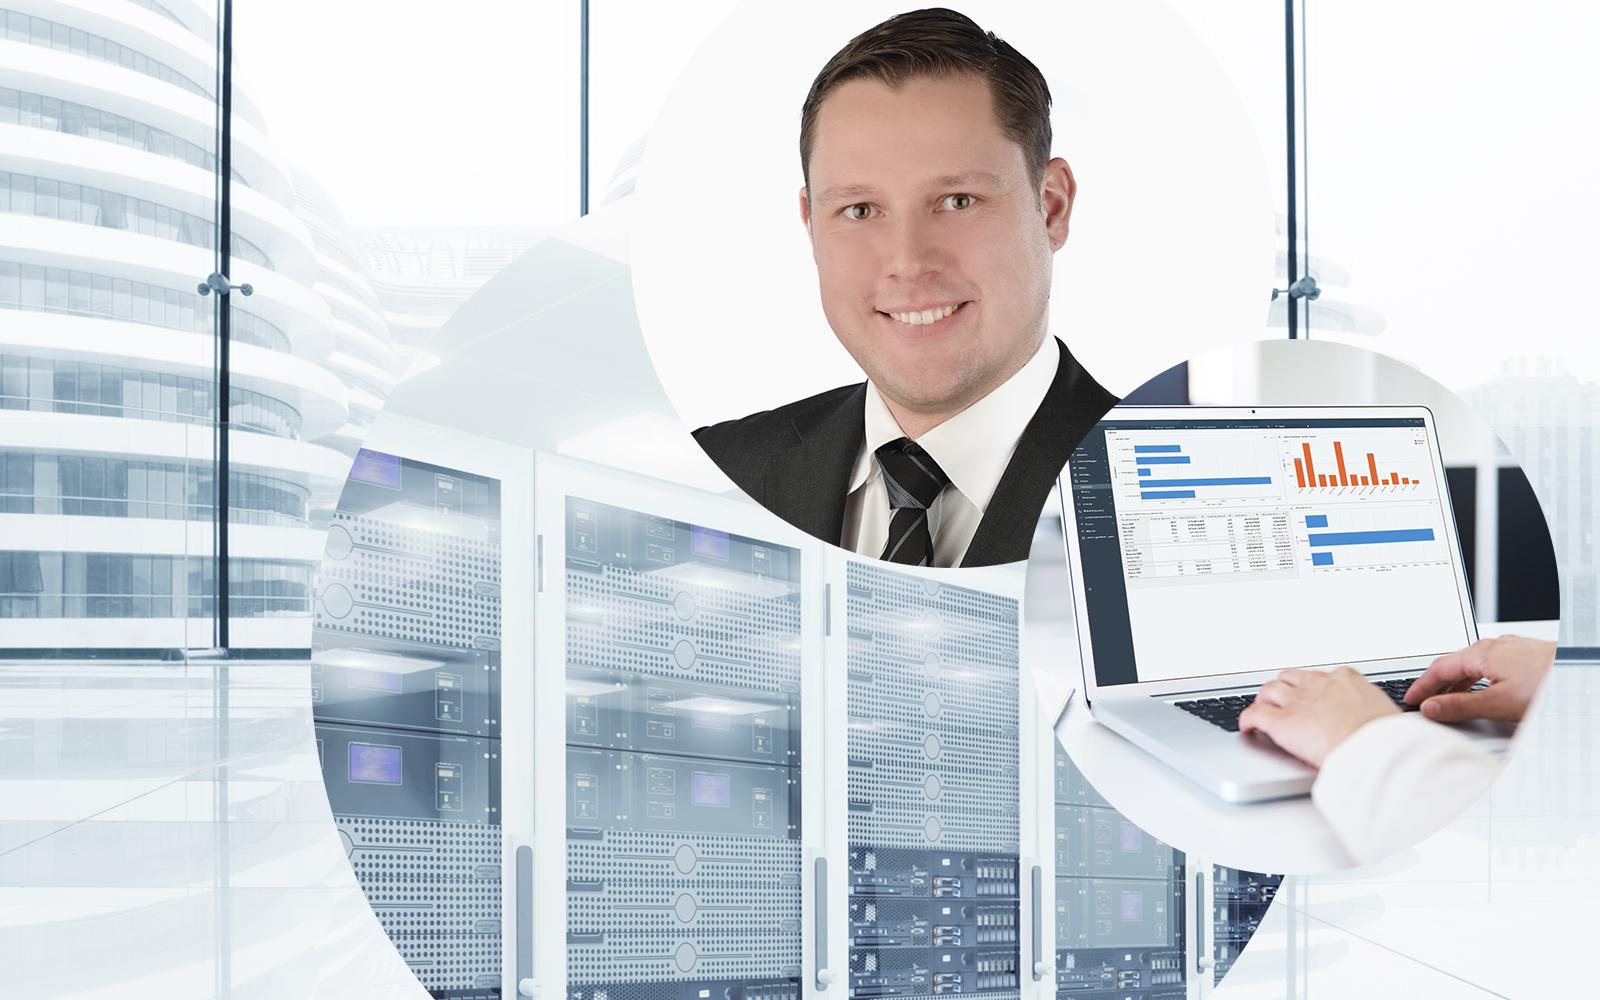 Bild von Marcel Deichmann, SAP Experte bei valantic Enterprise Ressource Planning (ERP), Serverraum, offener Laptop, weißes Gebäude im Hintergrund